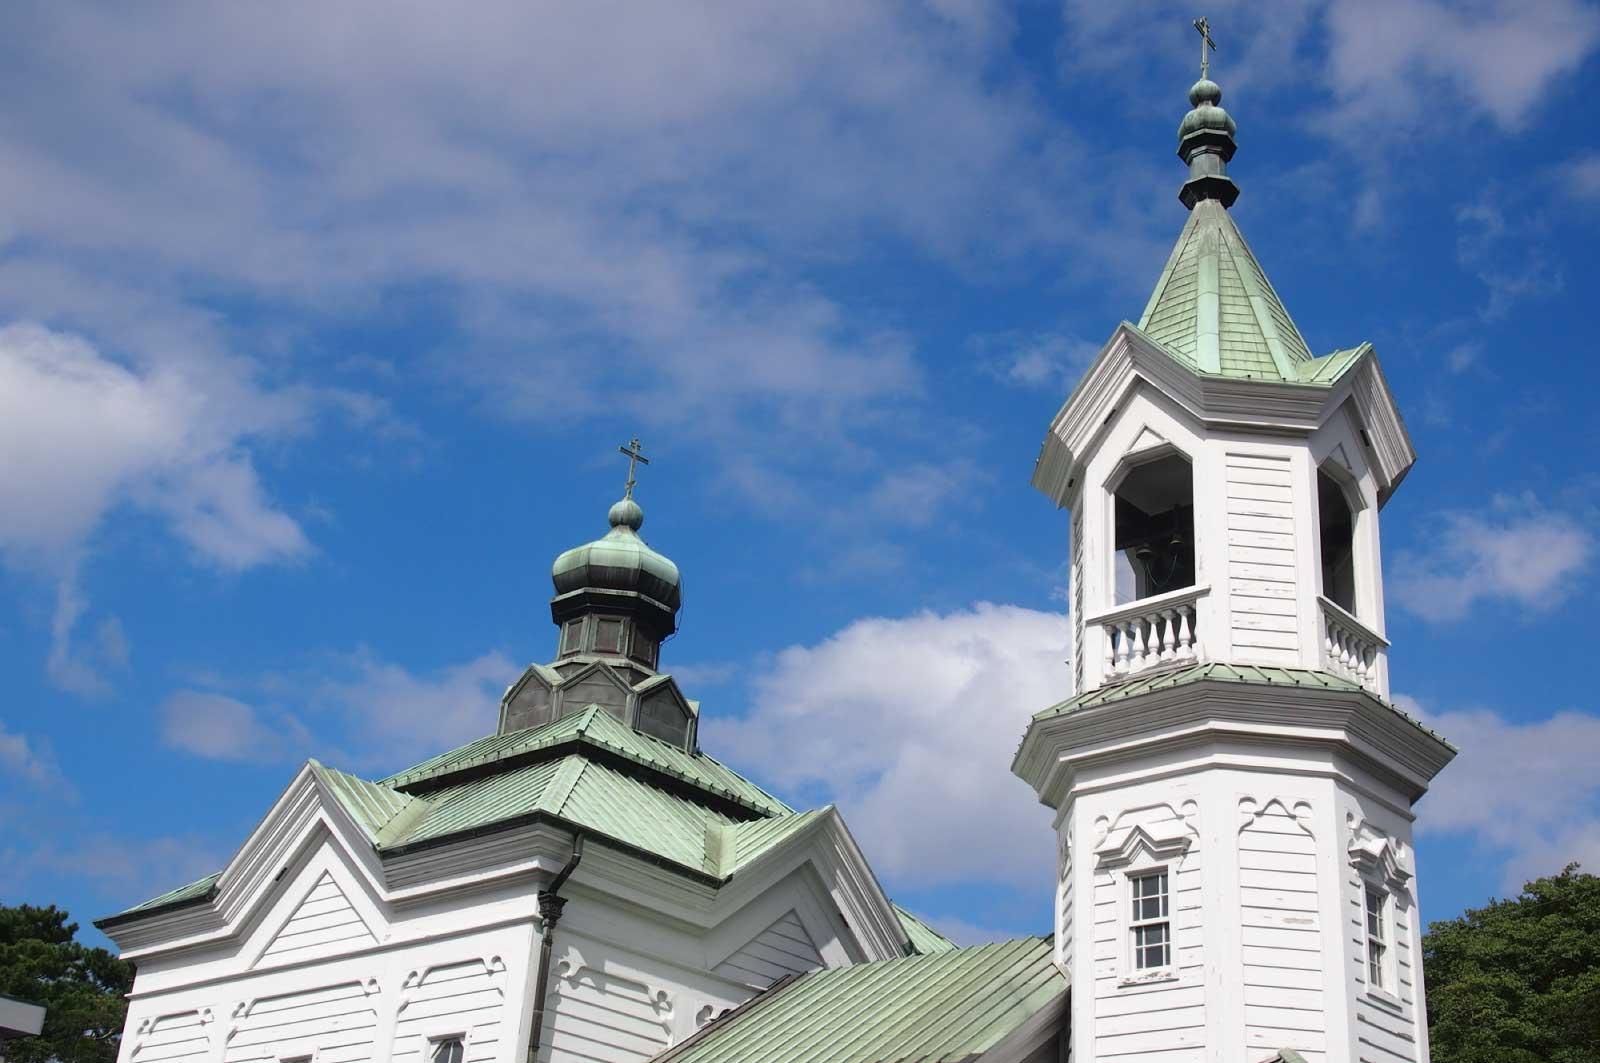 建築はビザンティン(ロシア)建築の影響を強く受けた